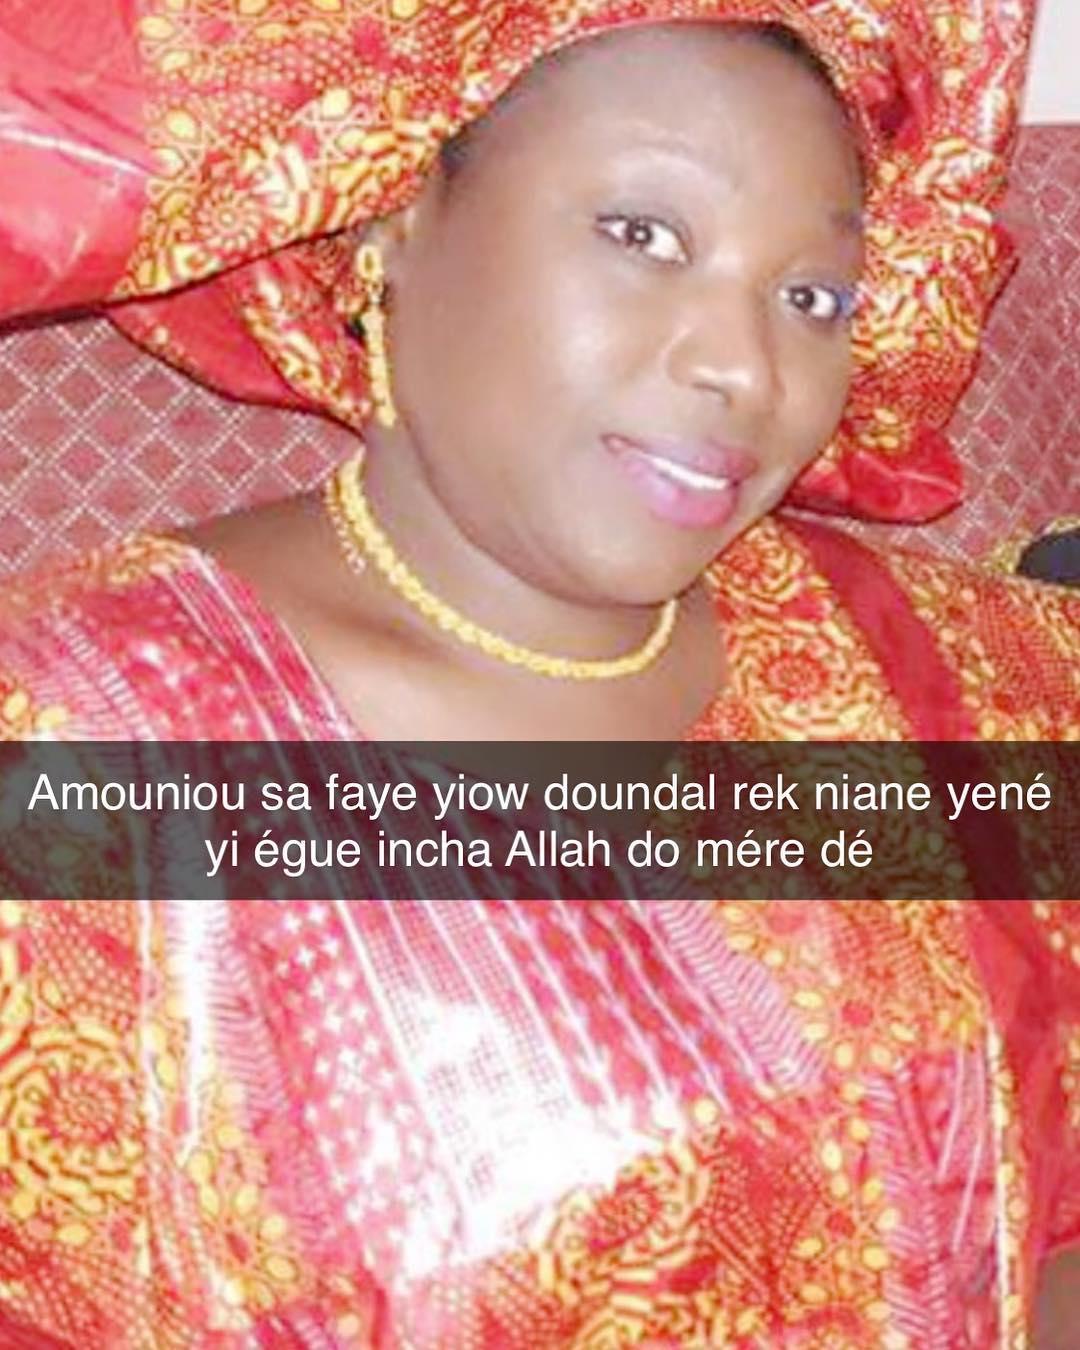 Khady-Bijou-Ndiaye-8-1 Frappante ressemblance : Khady Bijou Ndiaye dévoile sa mère pour la première fois (05 Photos)